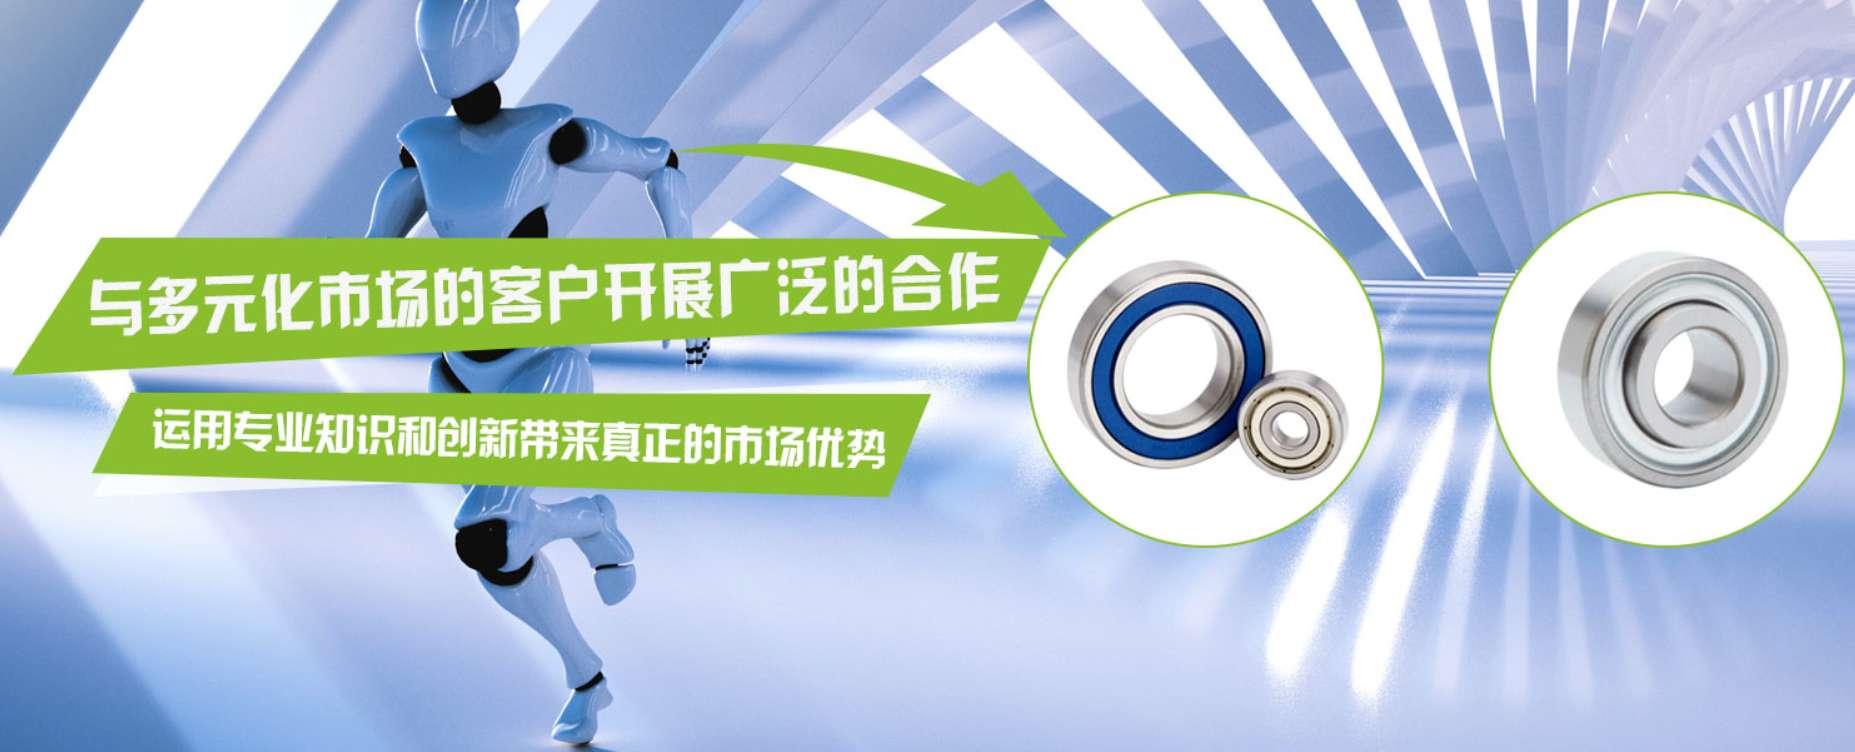 9月13-15日,安东机械亮相第18届深圳国际小电机及电机工业、磁性材料展